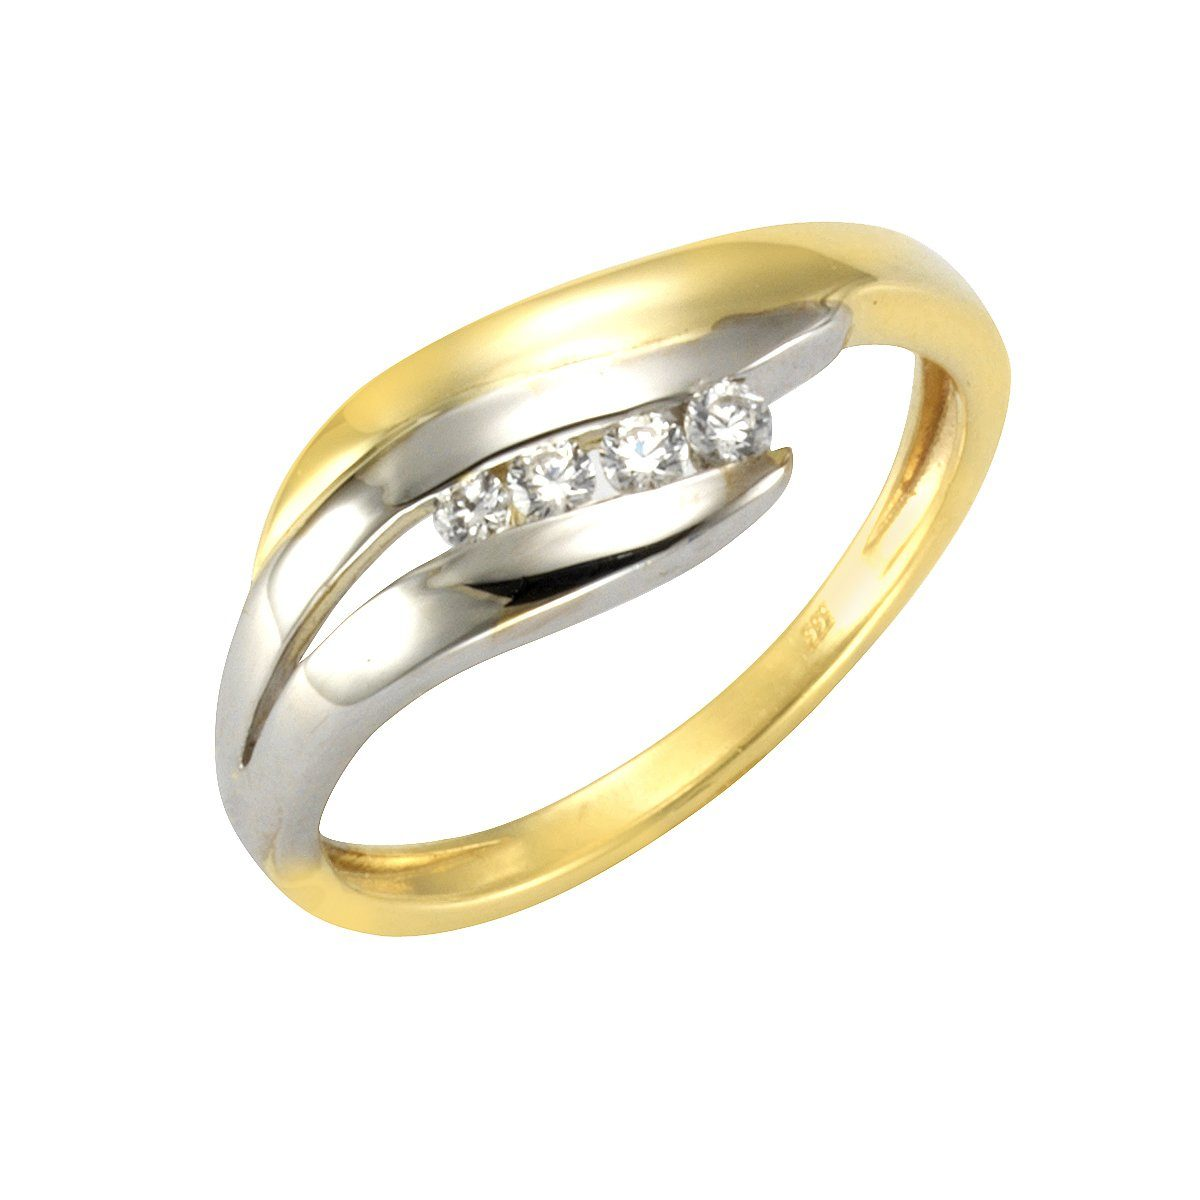 Vivance Ring 333/- Gelb- und Weißgold 4x Zirkonia   Schmuck > Ringe > Goldringe   Vivance